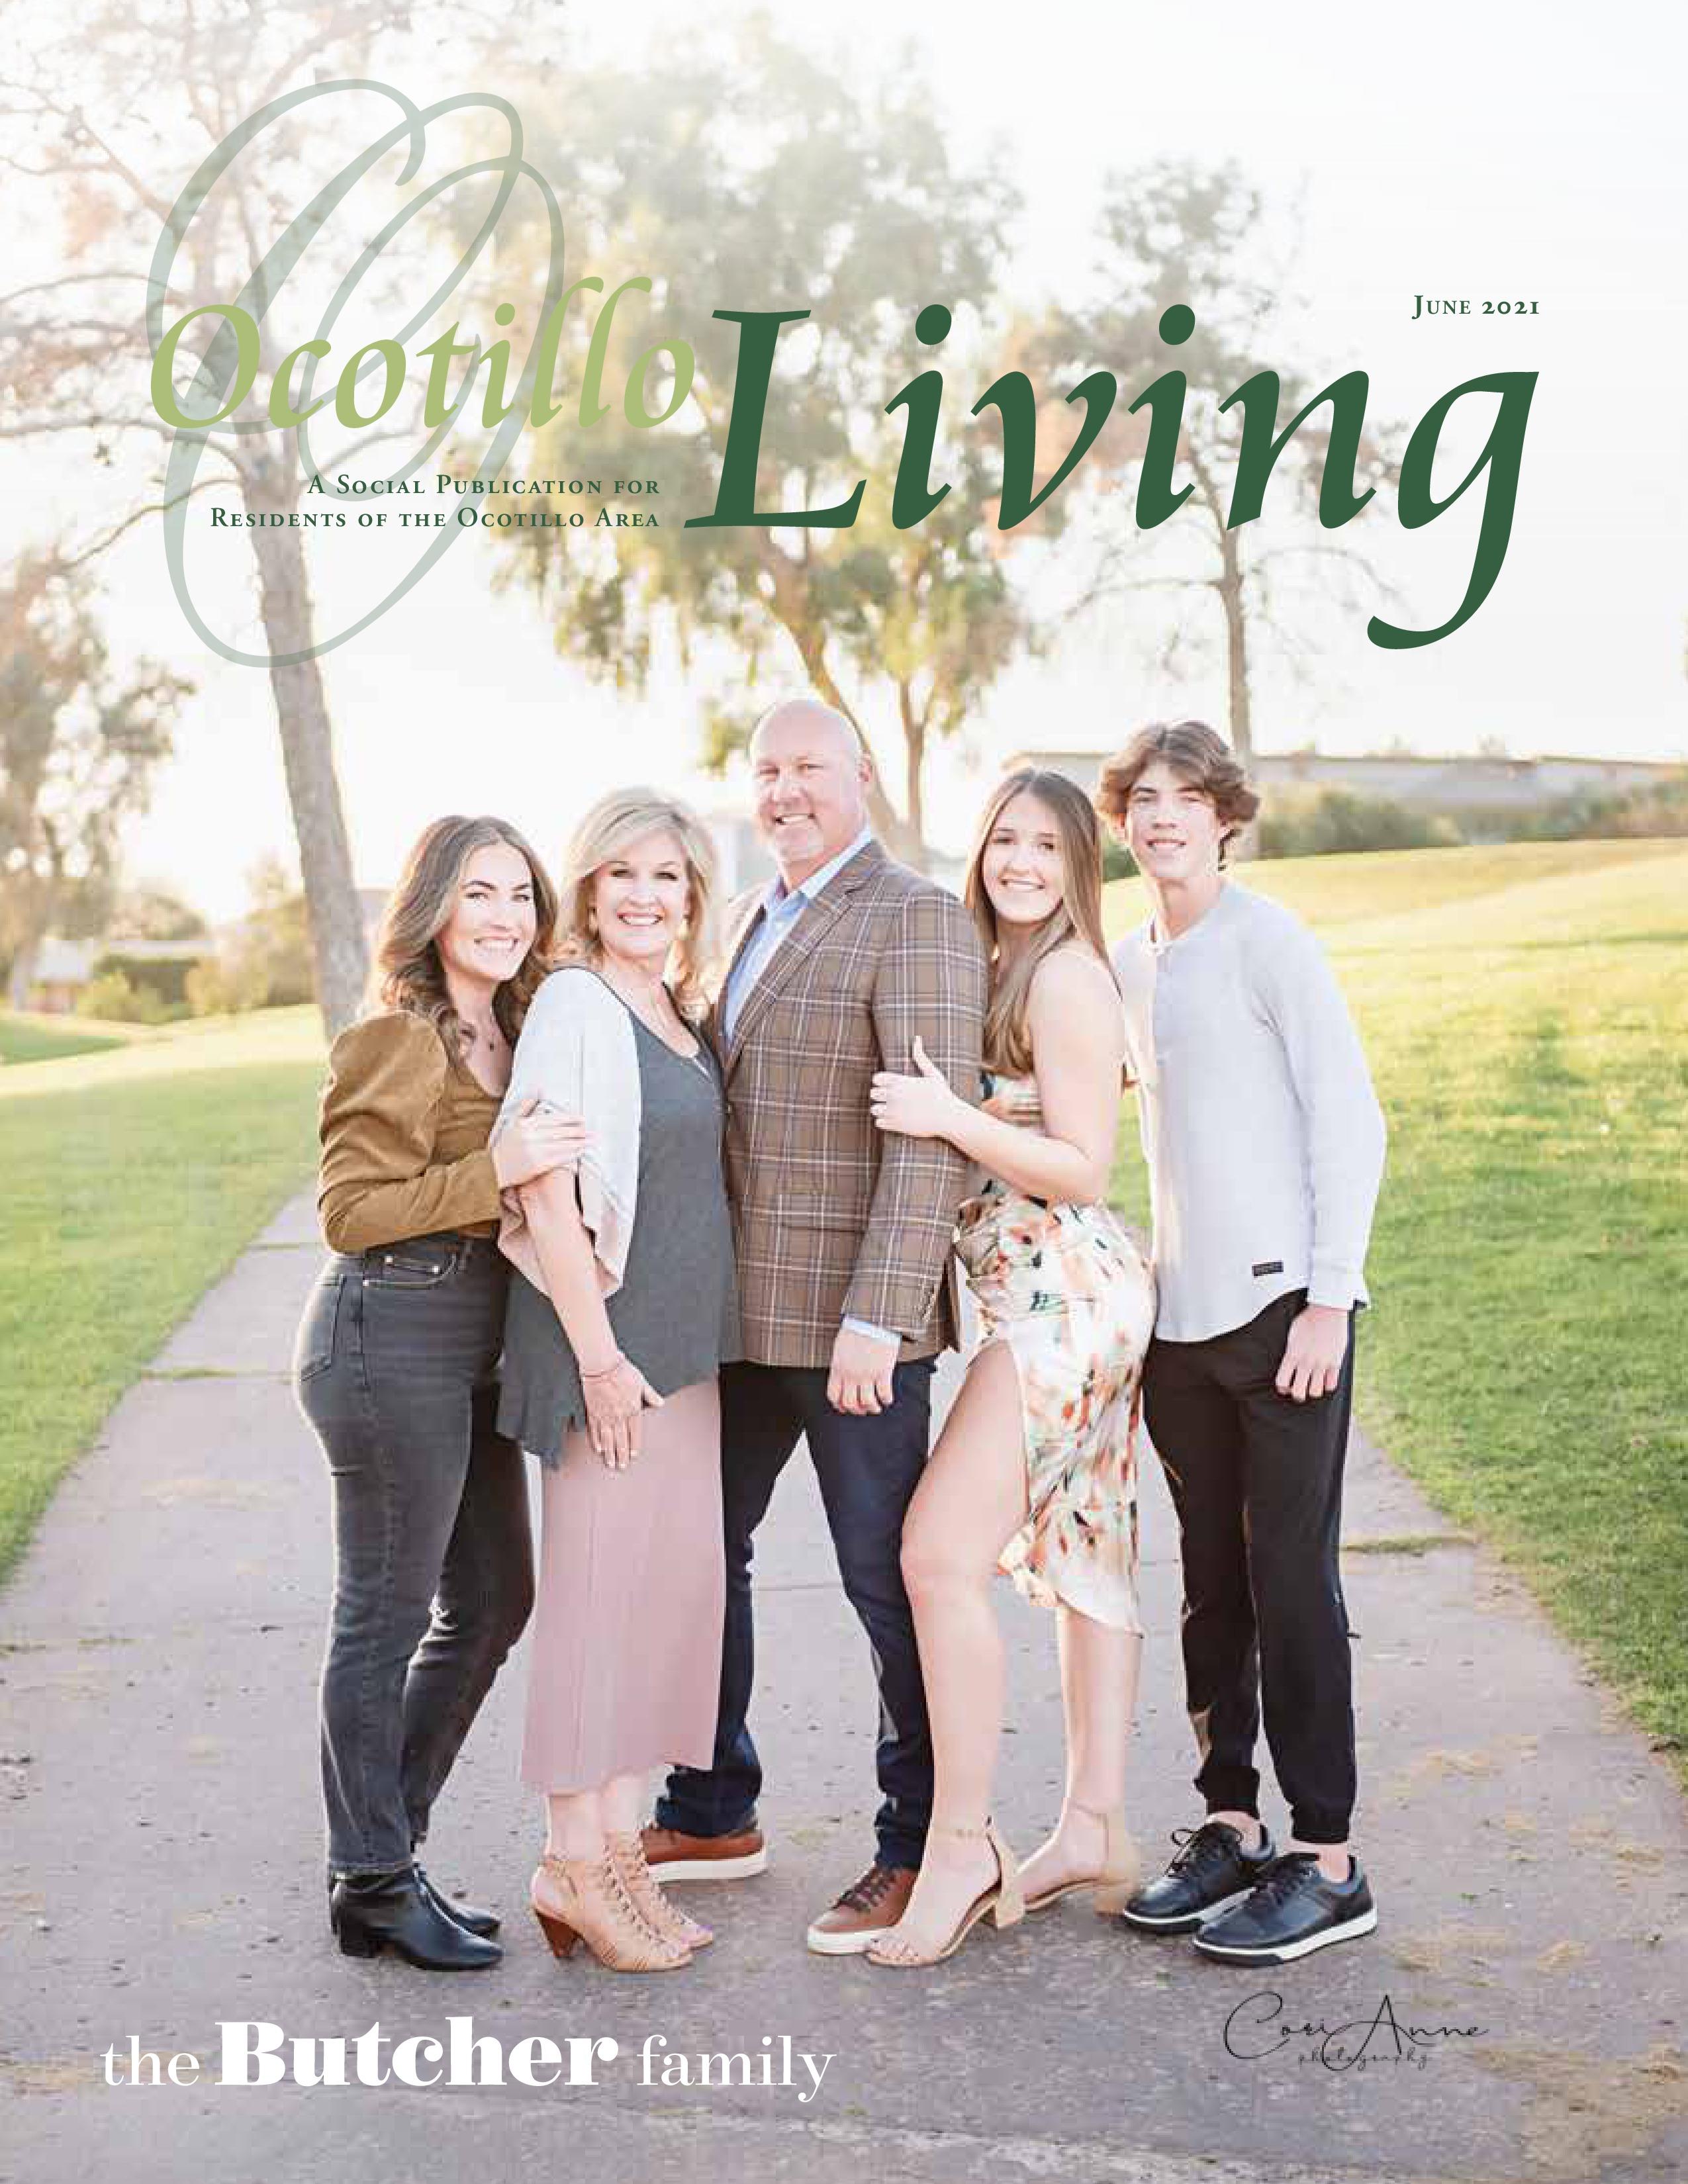 Ocotillo Living 2021-06-01